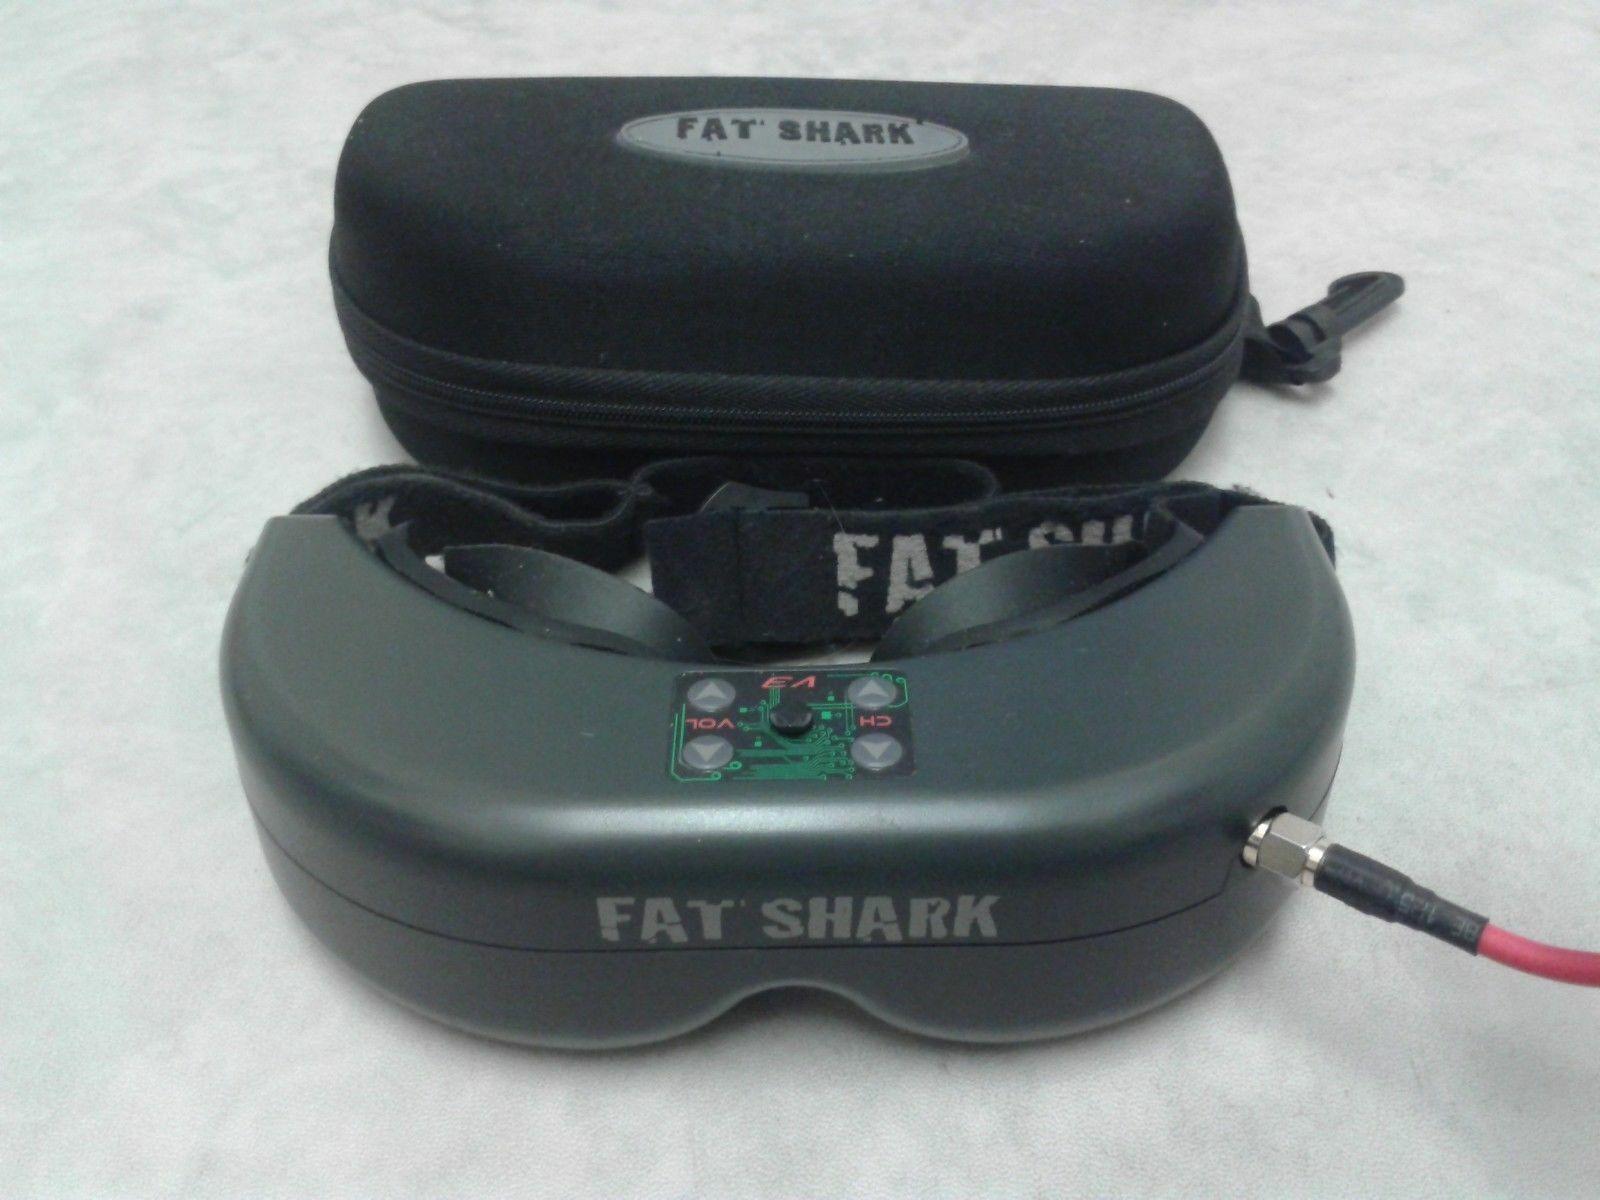 FatShark Teleporter V3 Fpv Gafas 5.8GHz Receptor Cargador de batería RC Quadcopter